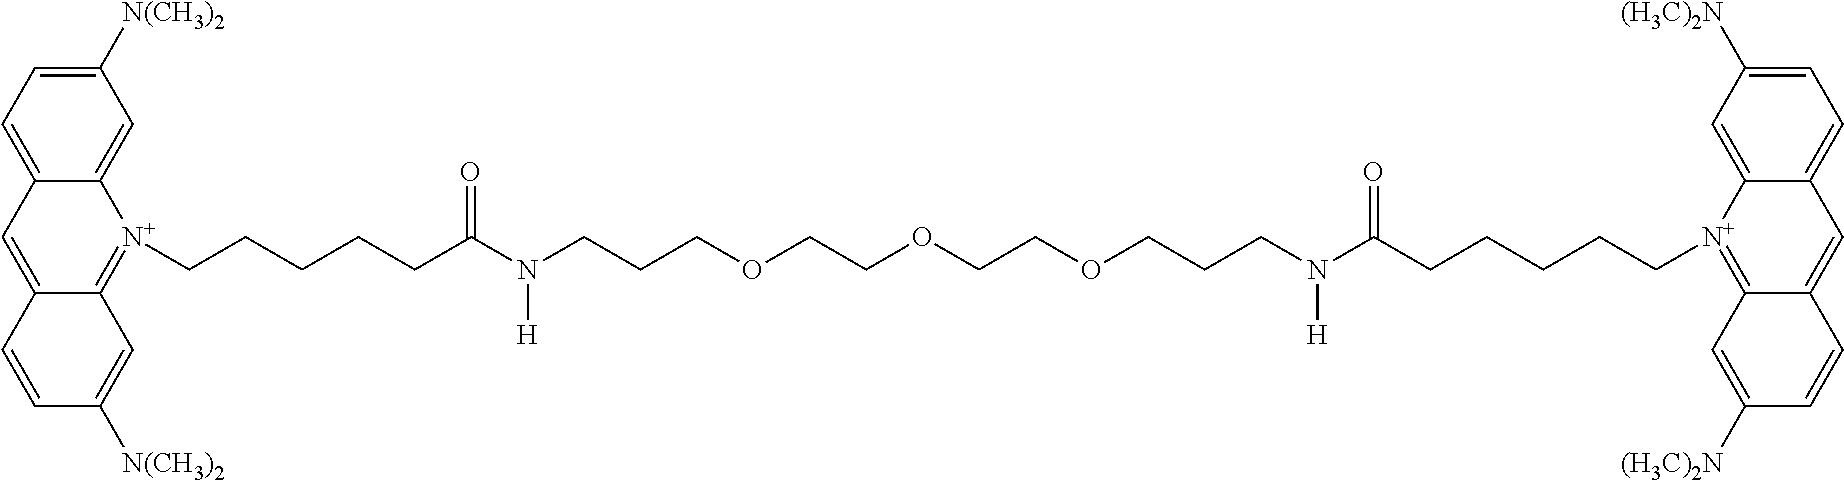 Figure US08877437-20141104-C00035